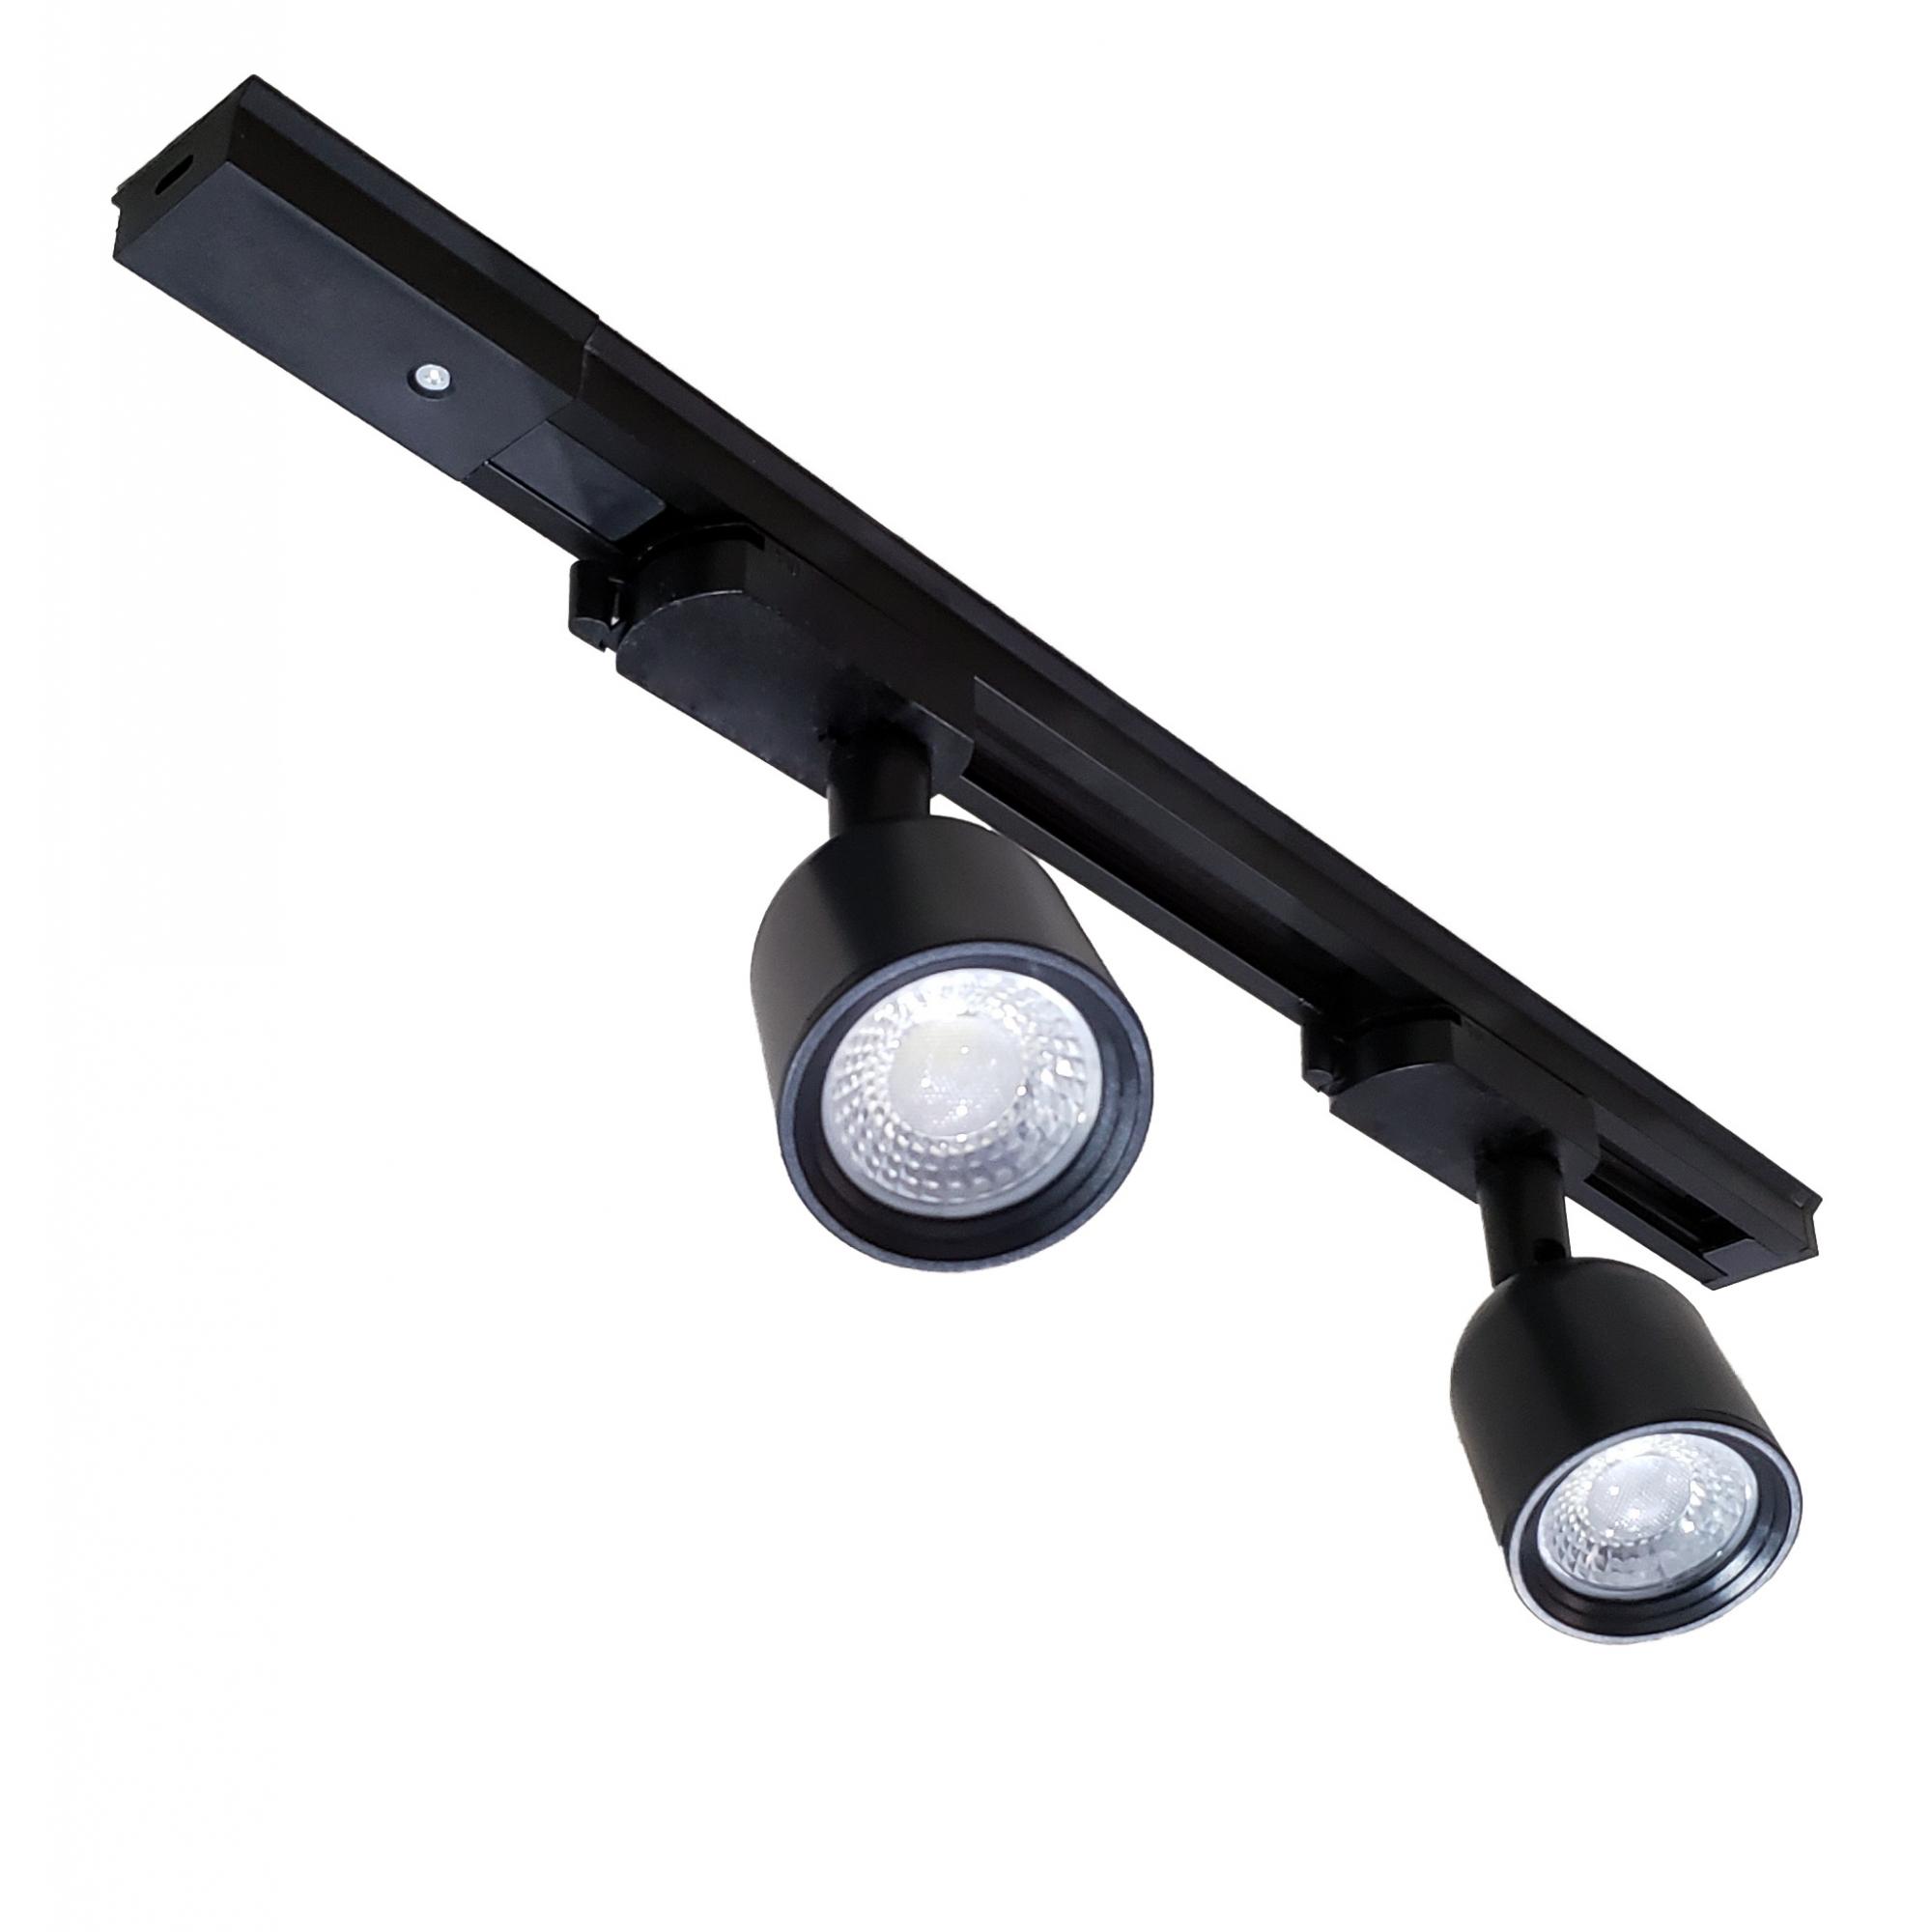 TRILHO ELETRIFICADO 50 CM + 2 SPOTS LED AVANT 7W PRETO 6500K